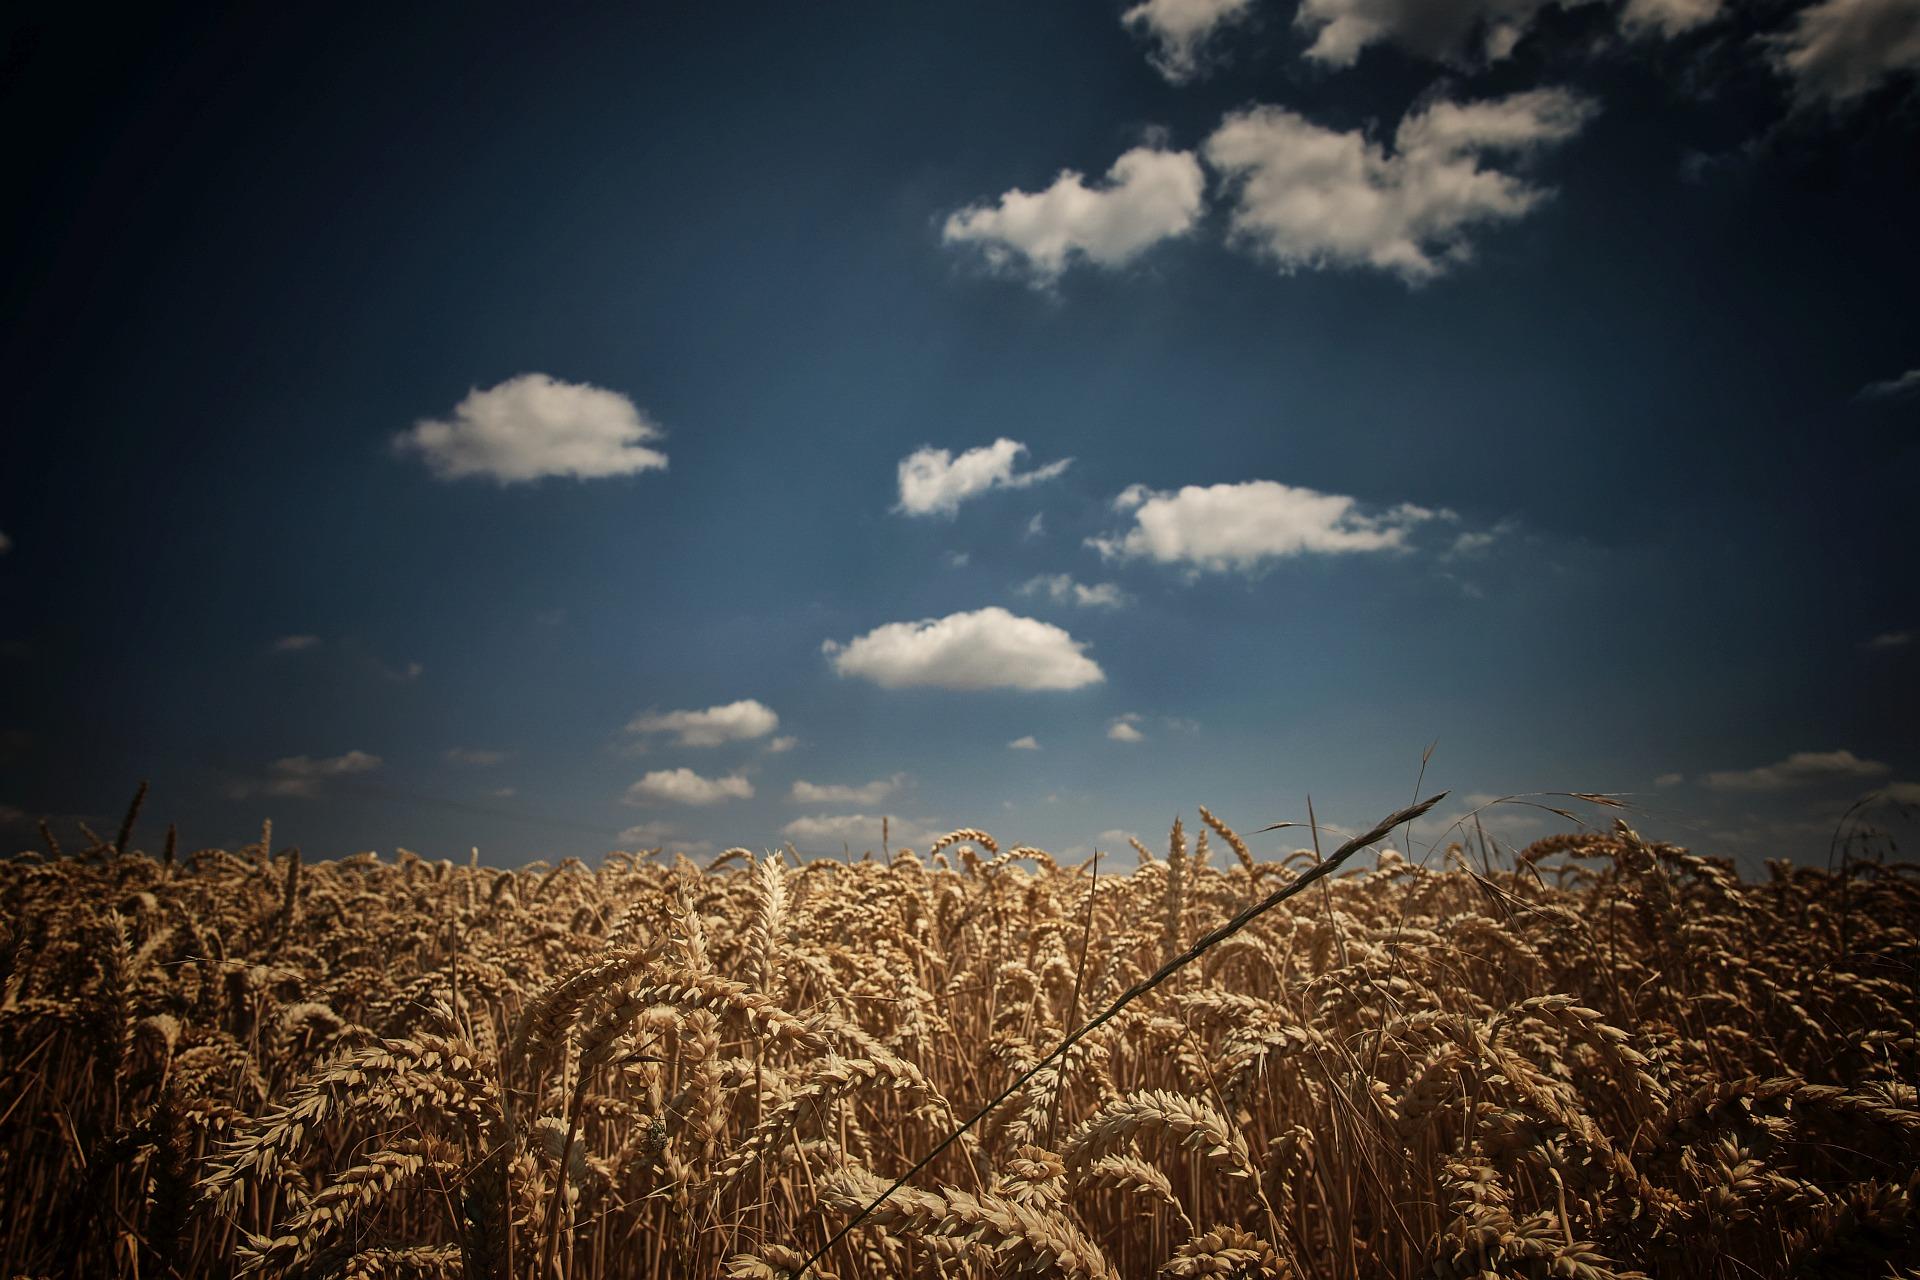 Wolkenmeer im Weizenfeld